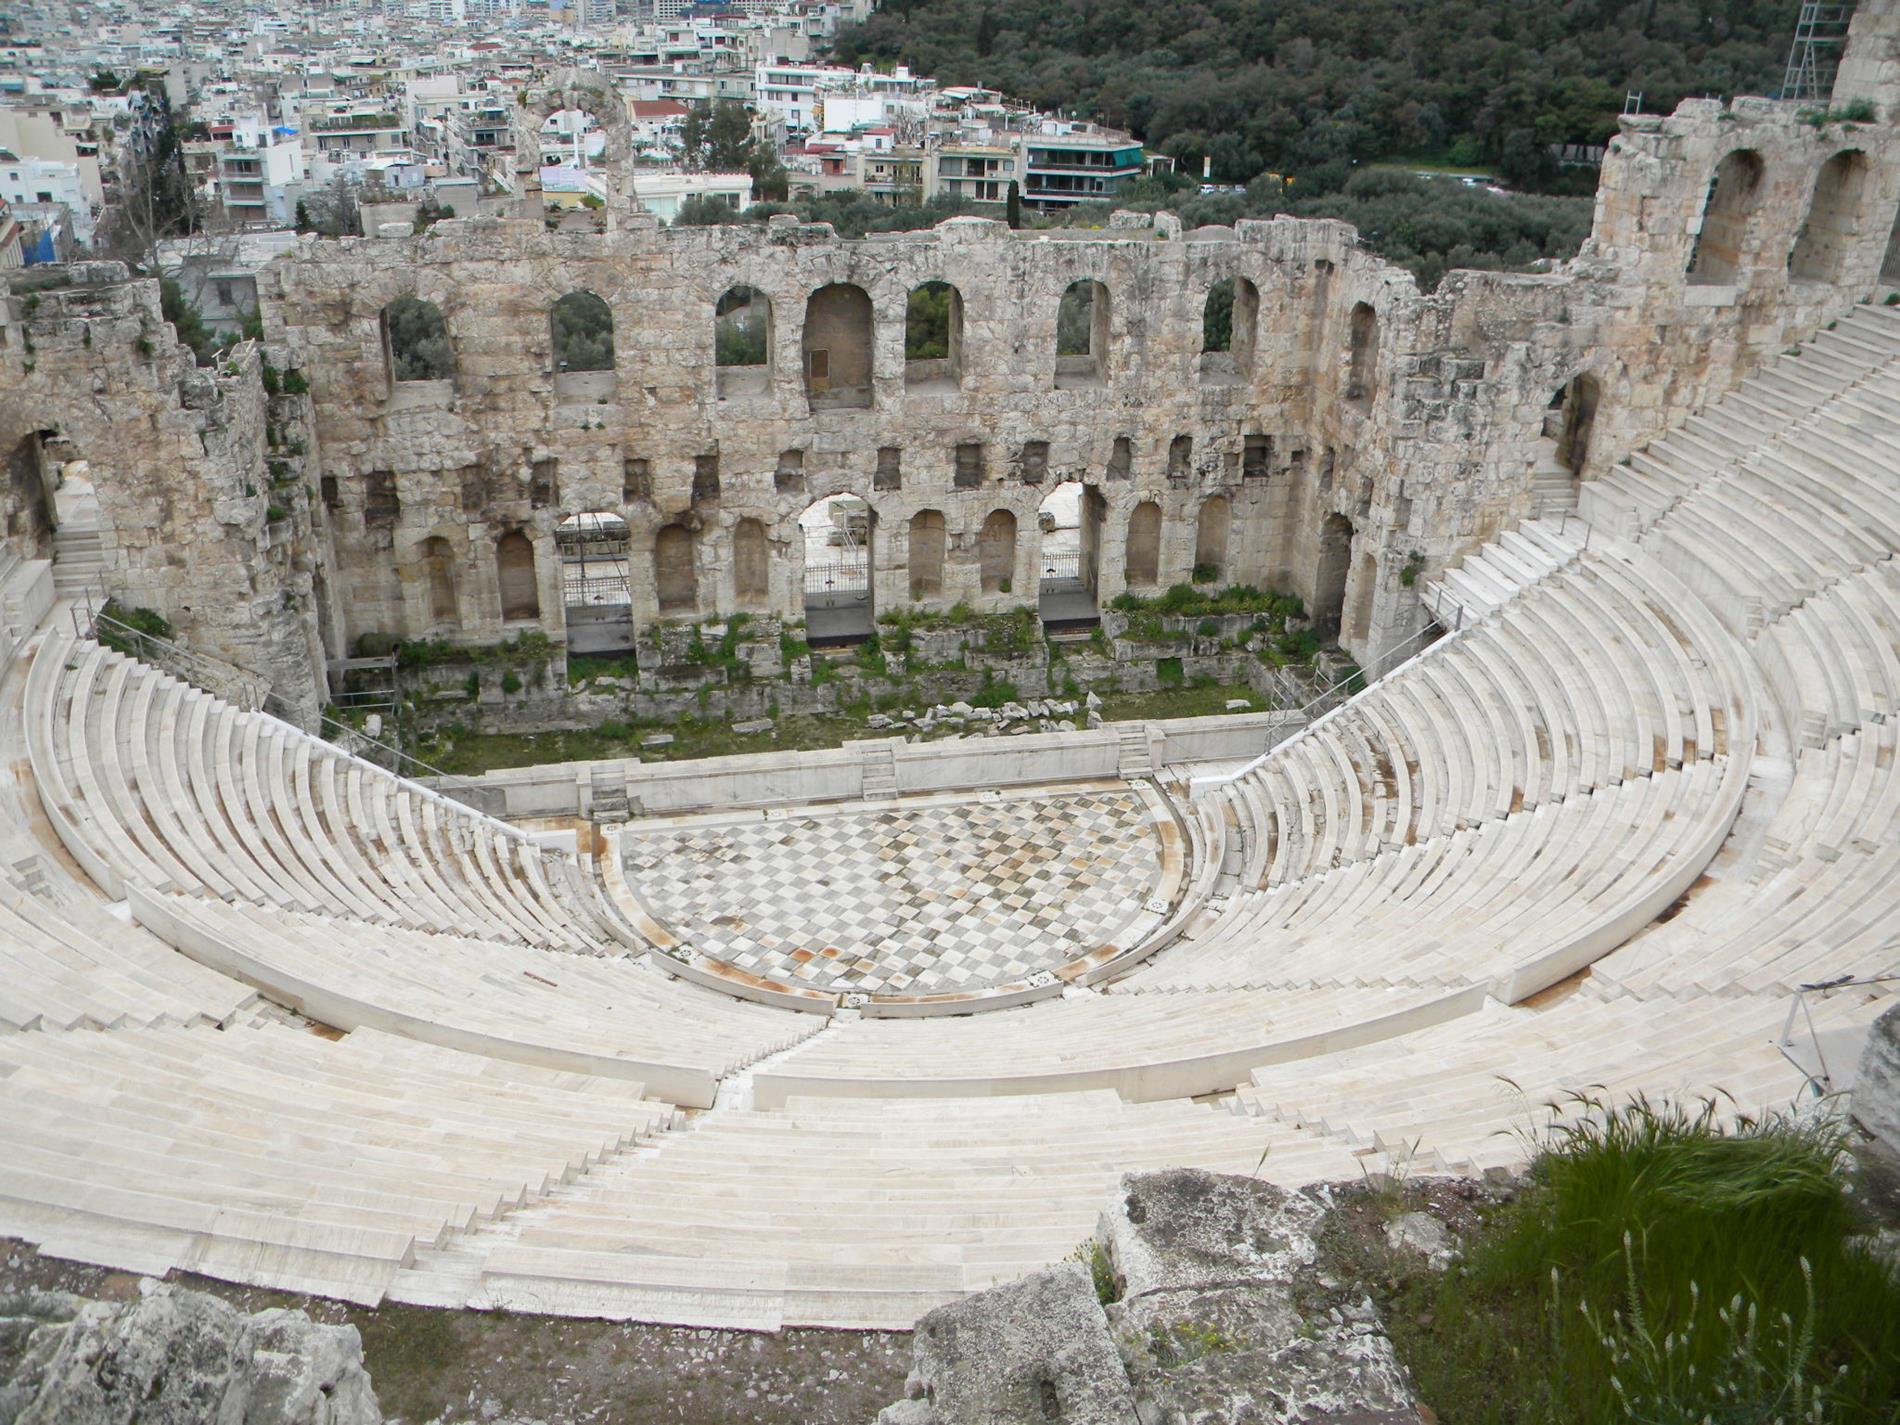 Theatre of Dionysus